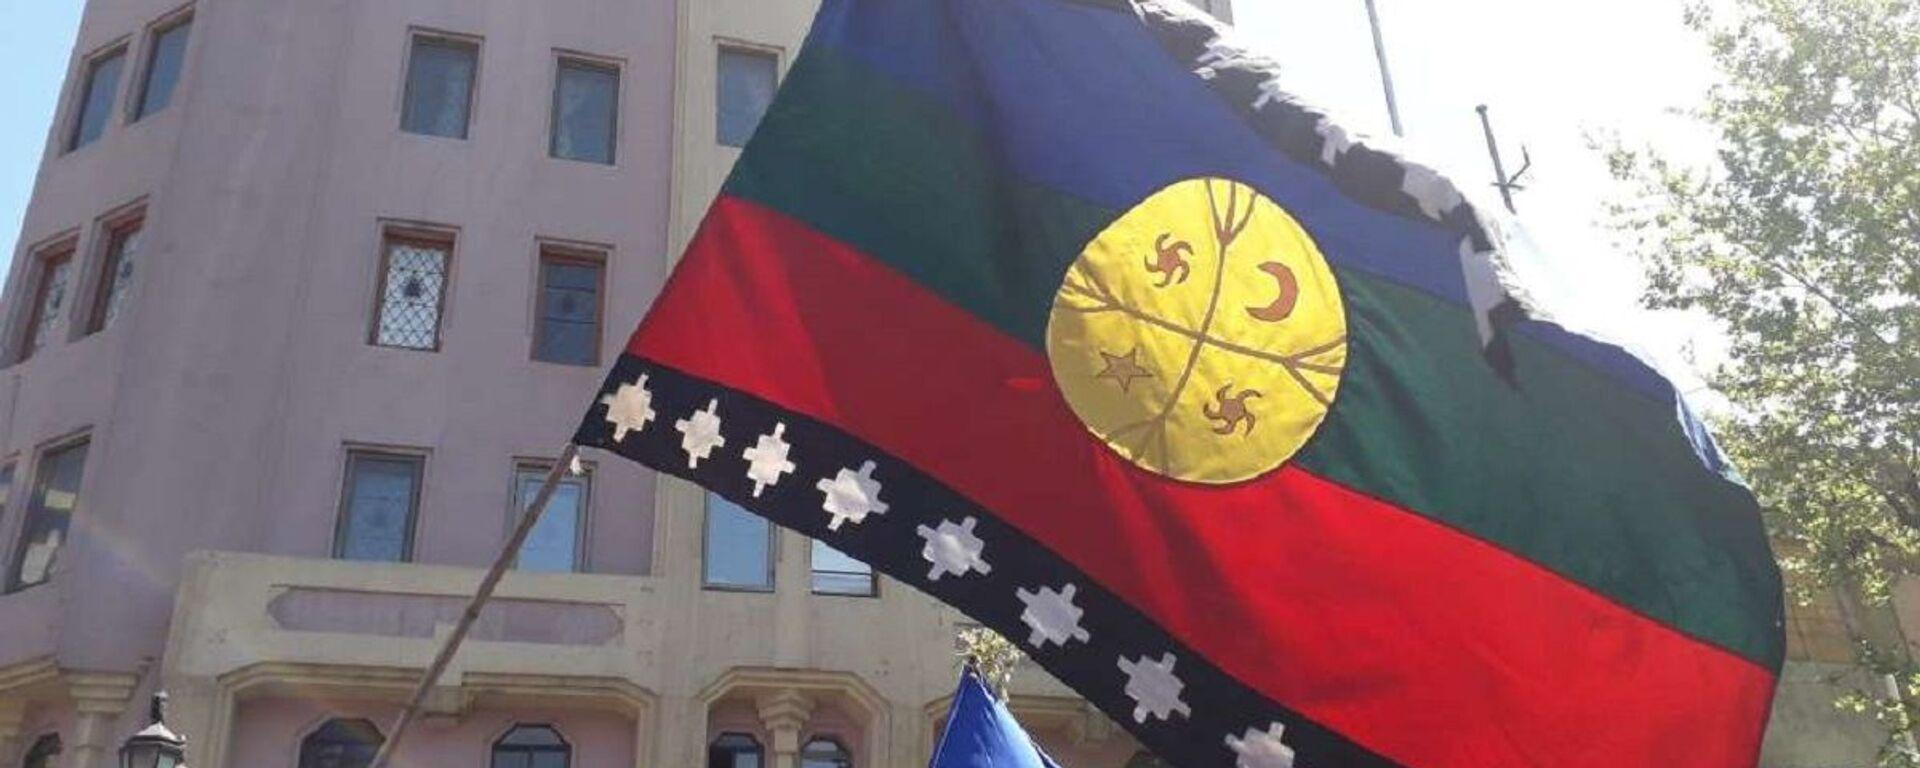 Marcha por la lucha mapuche y el 12 de octubre en Chile - Sputnik Mundo, 1920, 14.05.2021